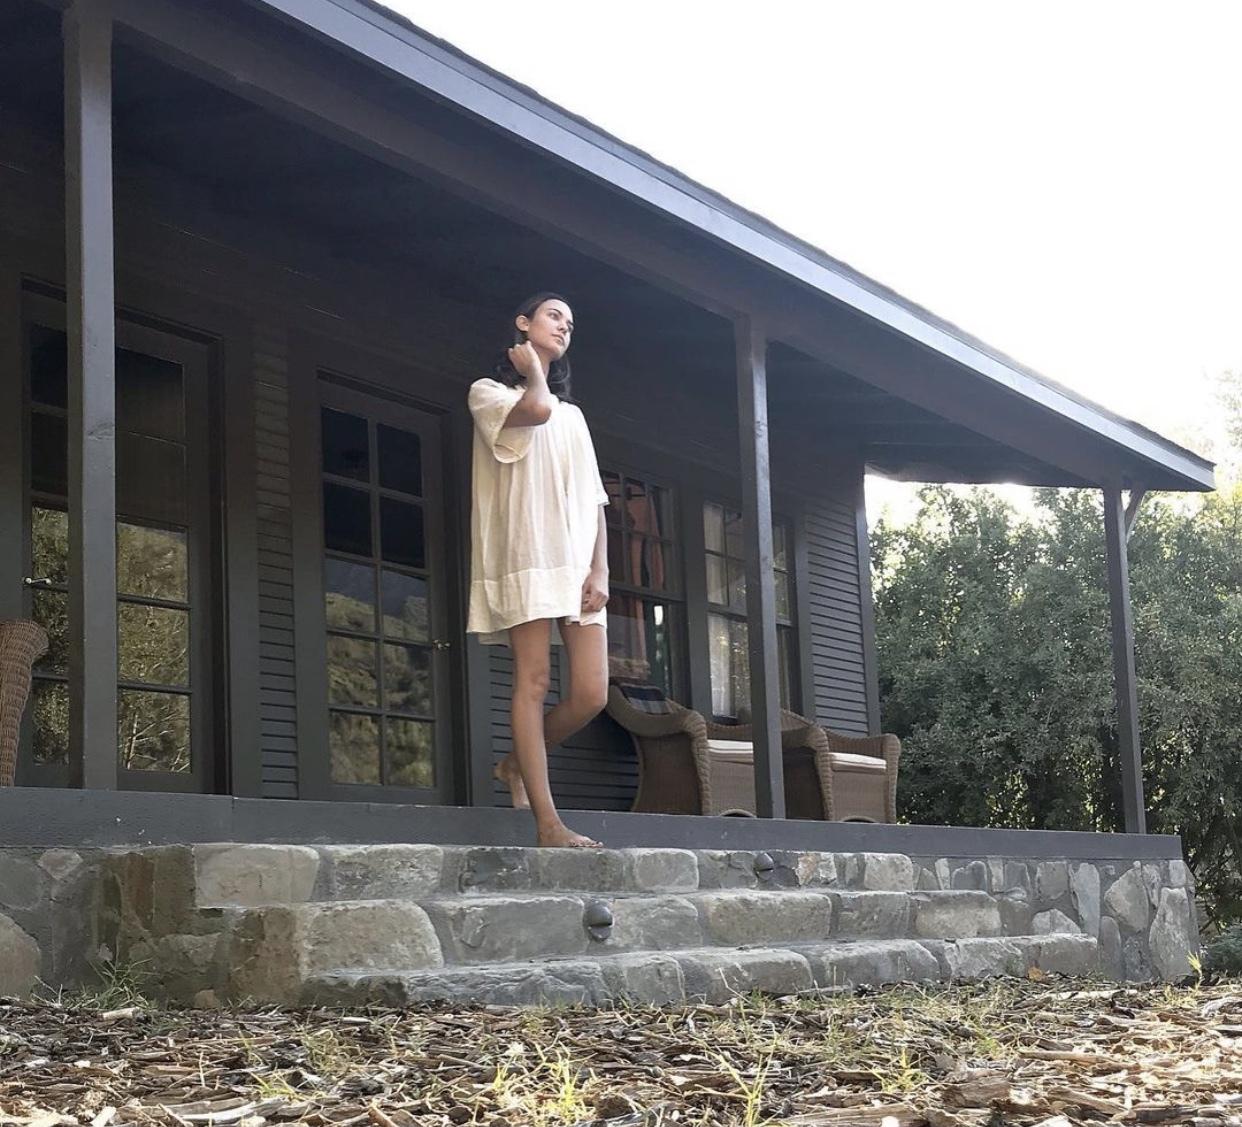 https://pics.wikifeet.com/Odette-Annable-Feet-5645623.jpg